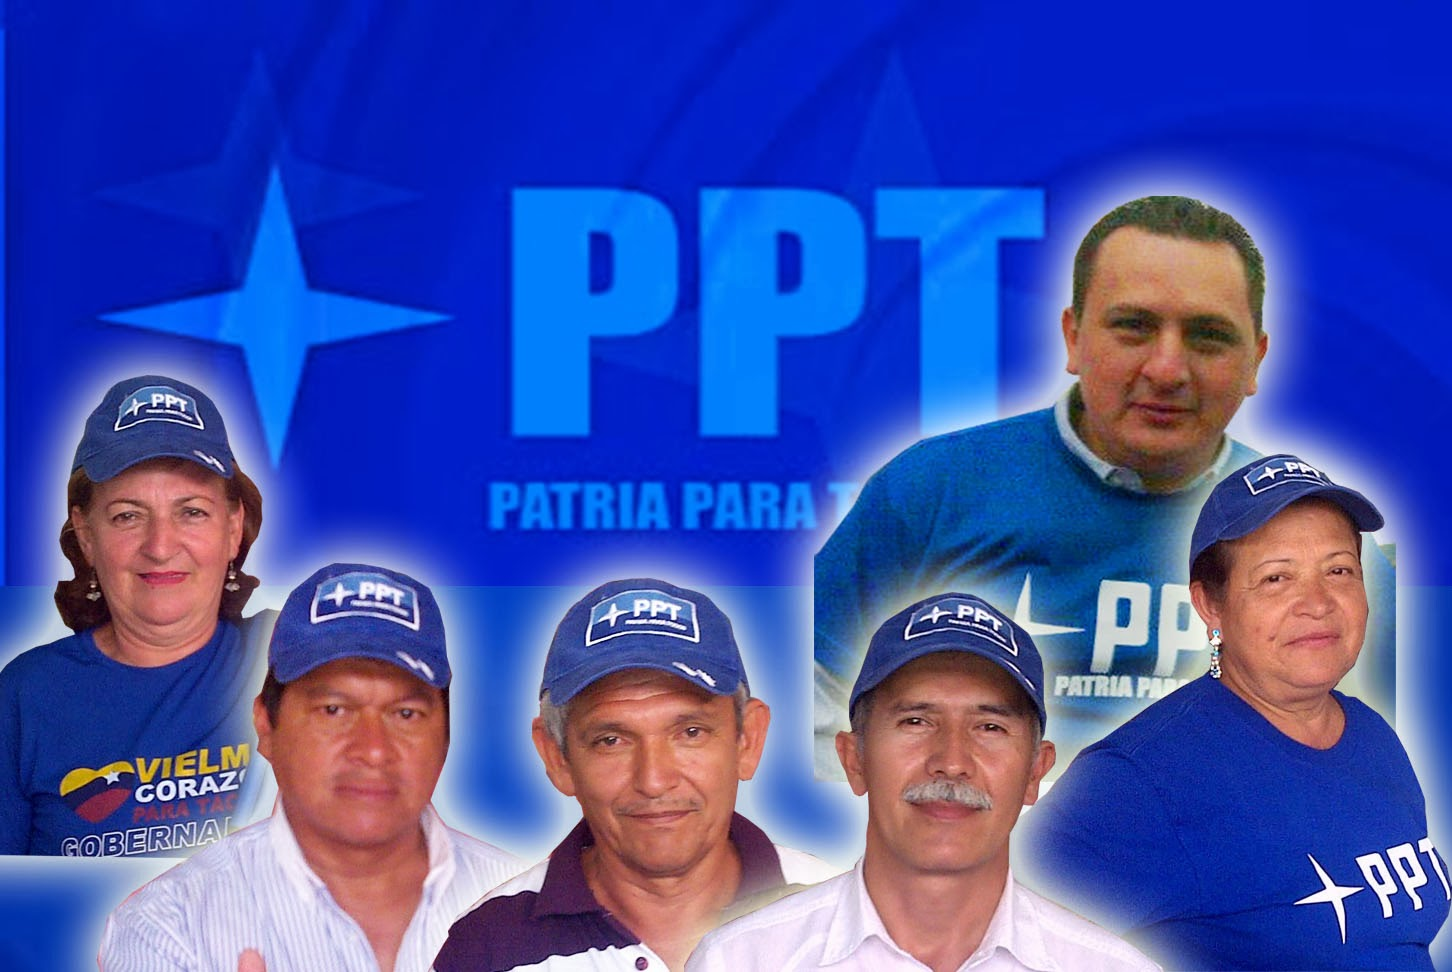 CANDIDATOS DE LA PATRIA